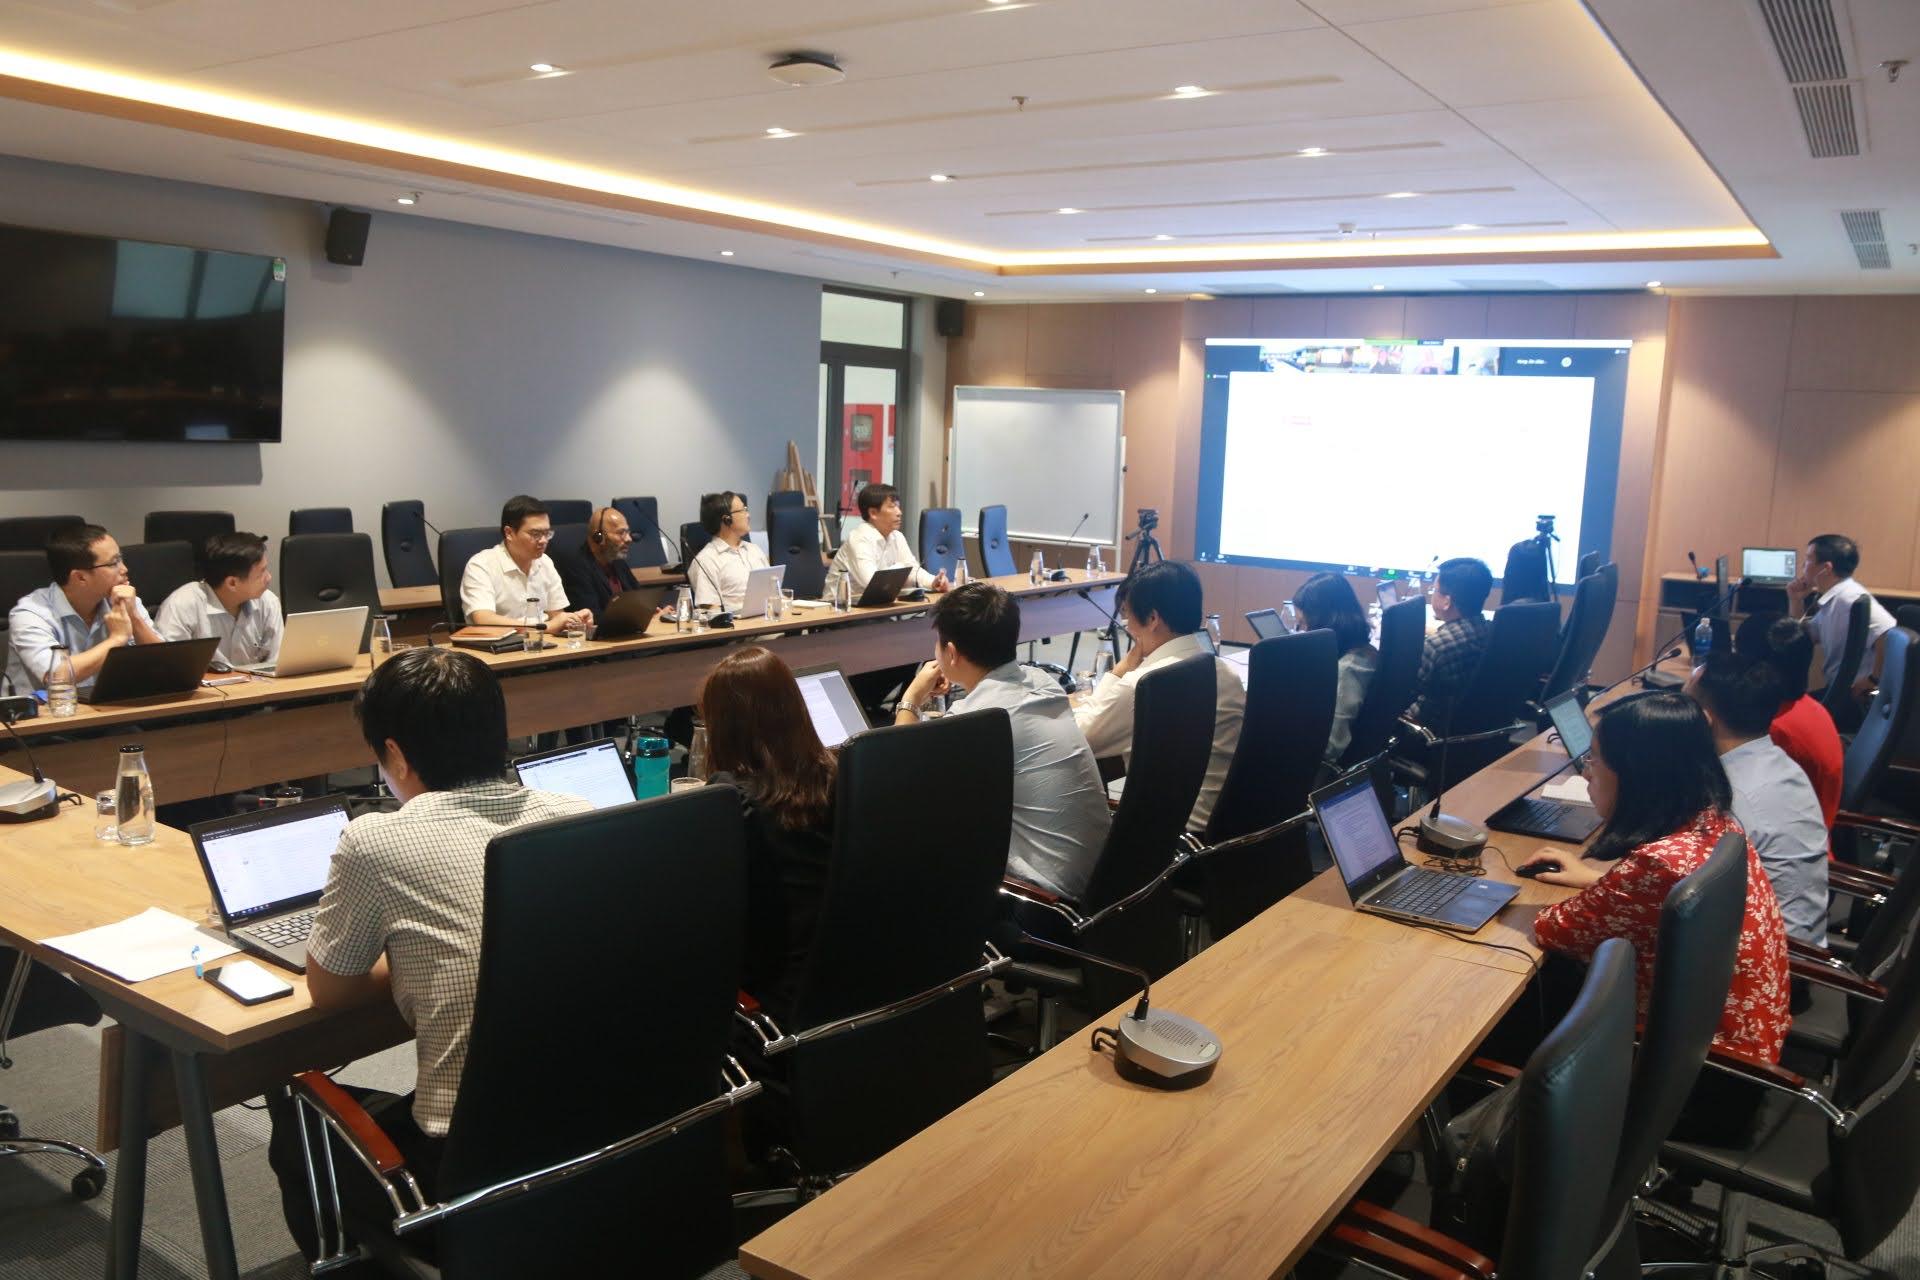 Khoa Quản lý Nhà Nước tổ chức chuỗi hội thảo về xây dựng chiến lược hoạt động thuộc dự án Tăng cường năng lực cấp tỉnh (SPC) của USAID.